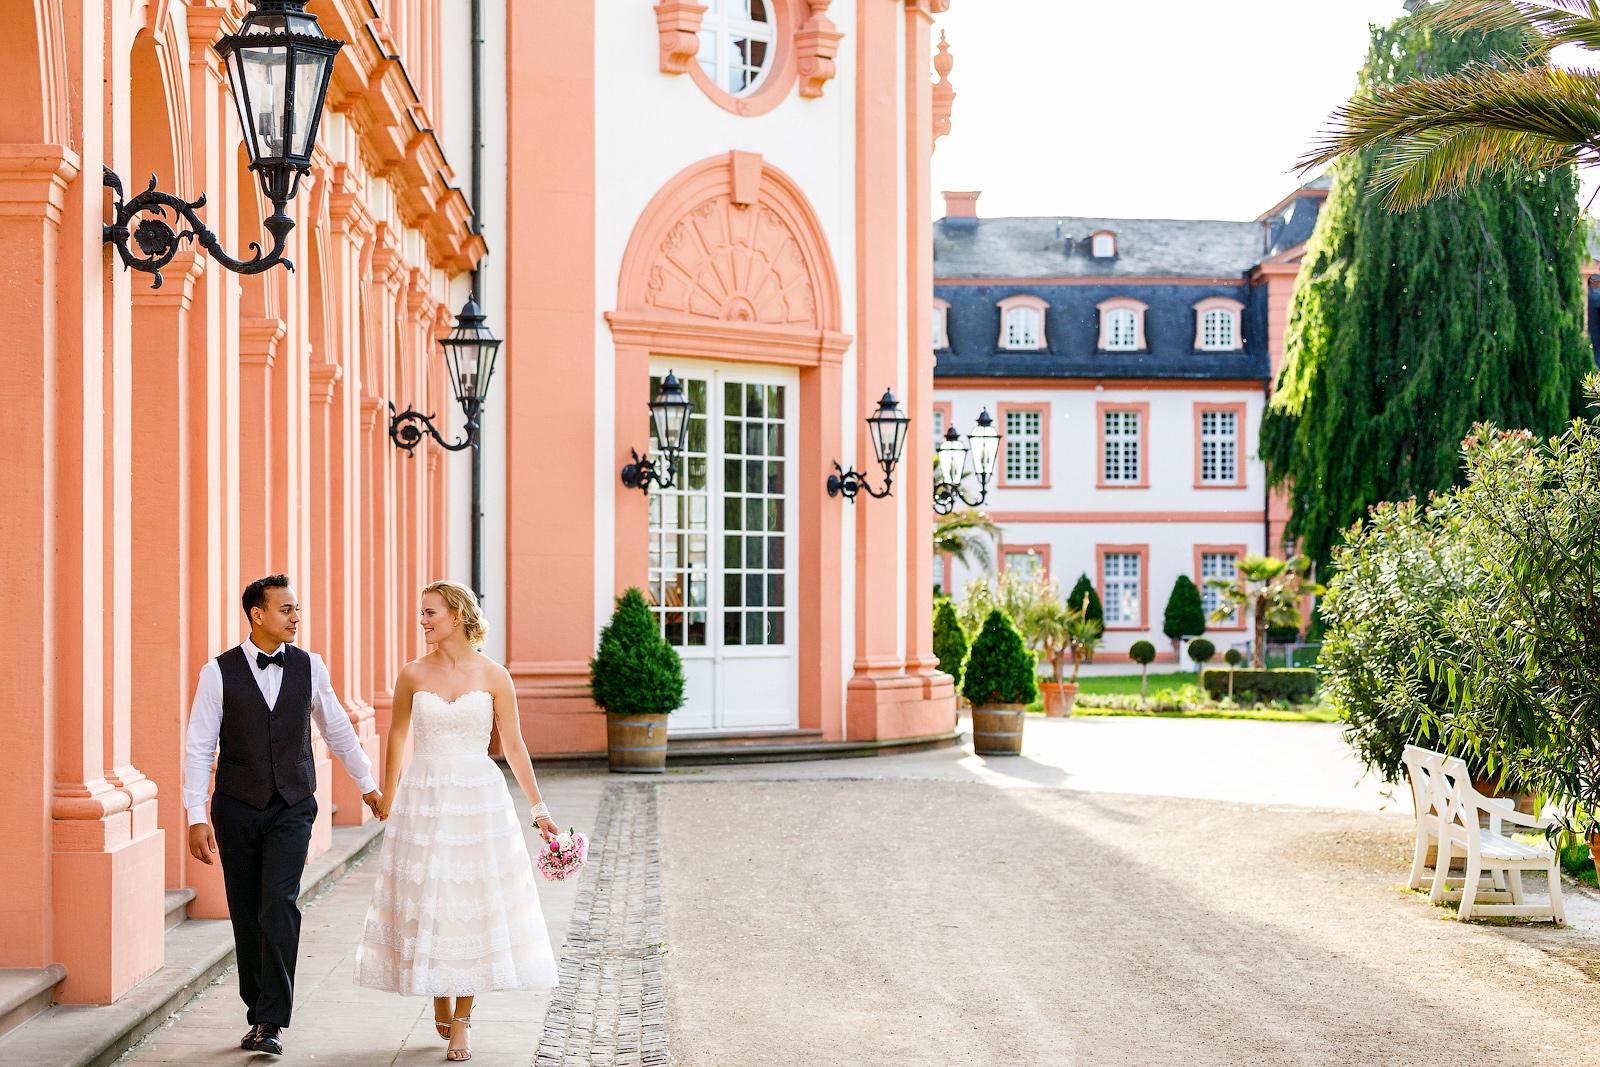 Standesamtliche Trauung im Schloss Biebrich, Wiesbaden.